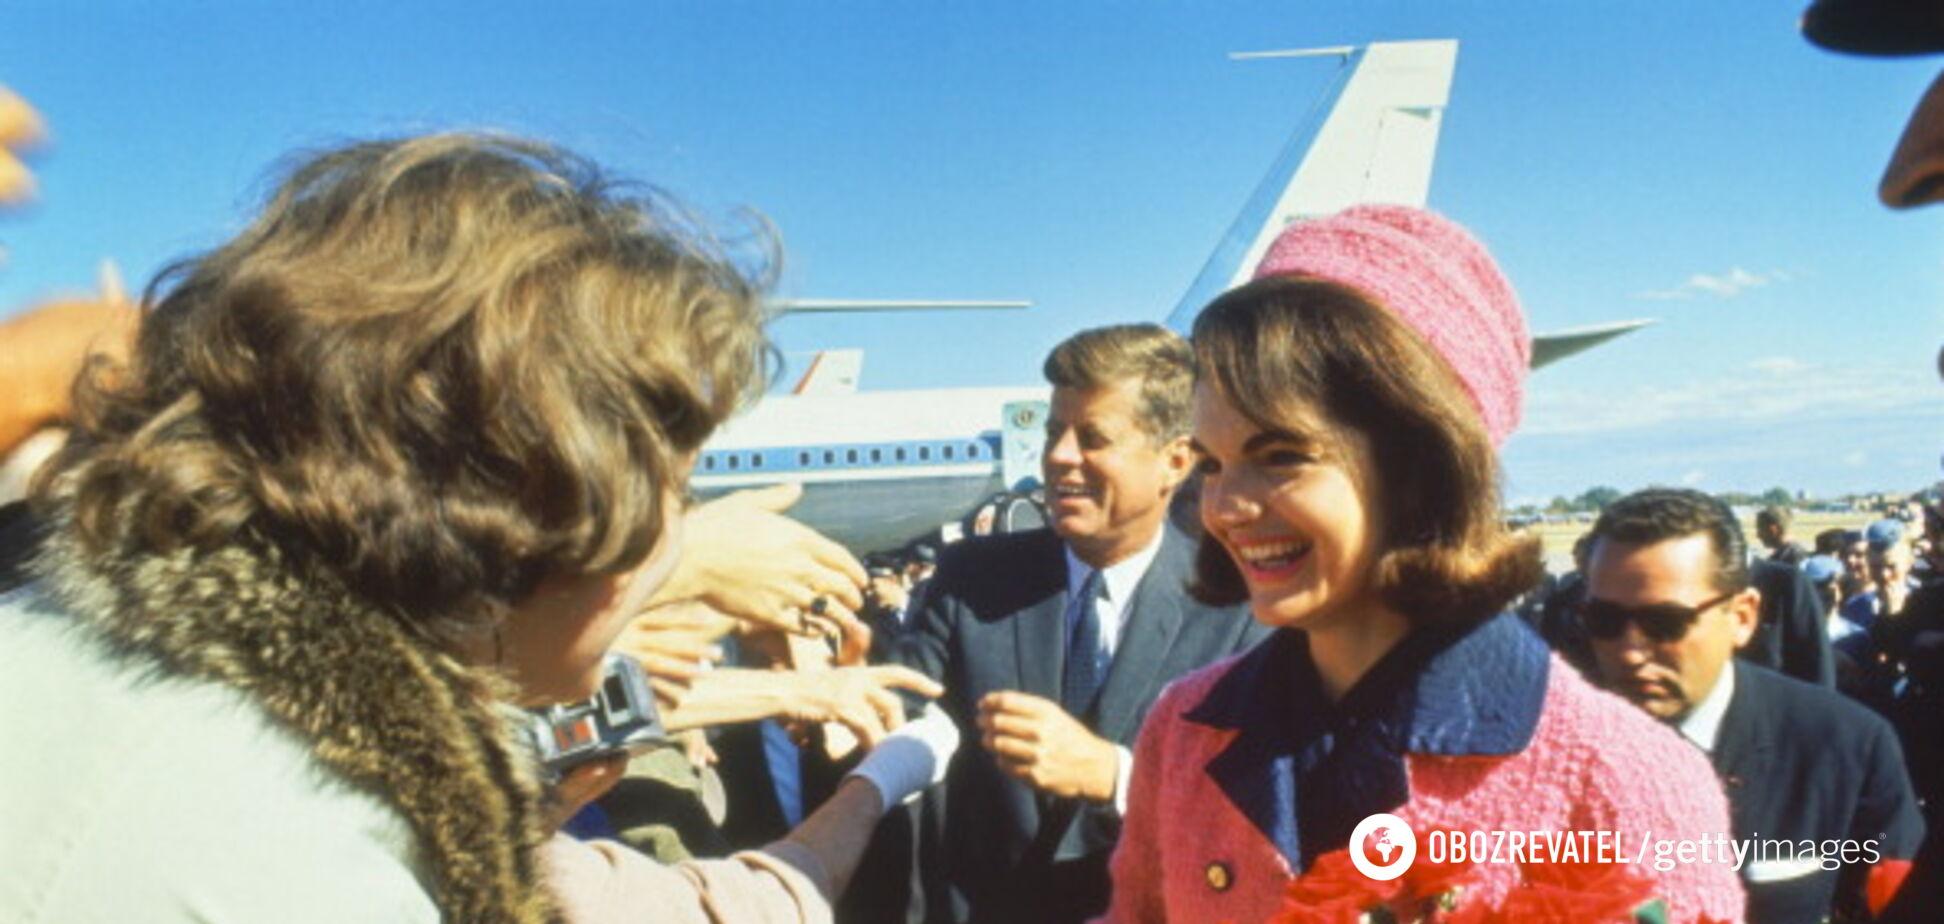 Жаклин Кеннеди родилась 91 год назад: трагическая судьба иконы стиля и первой леди США